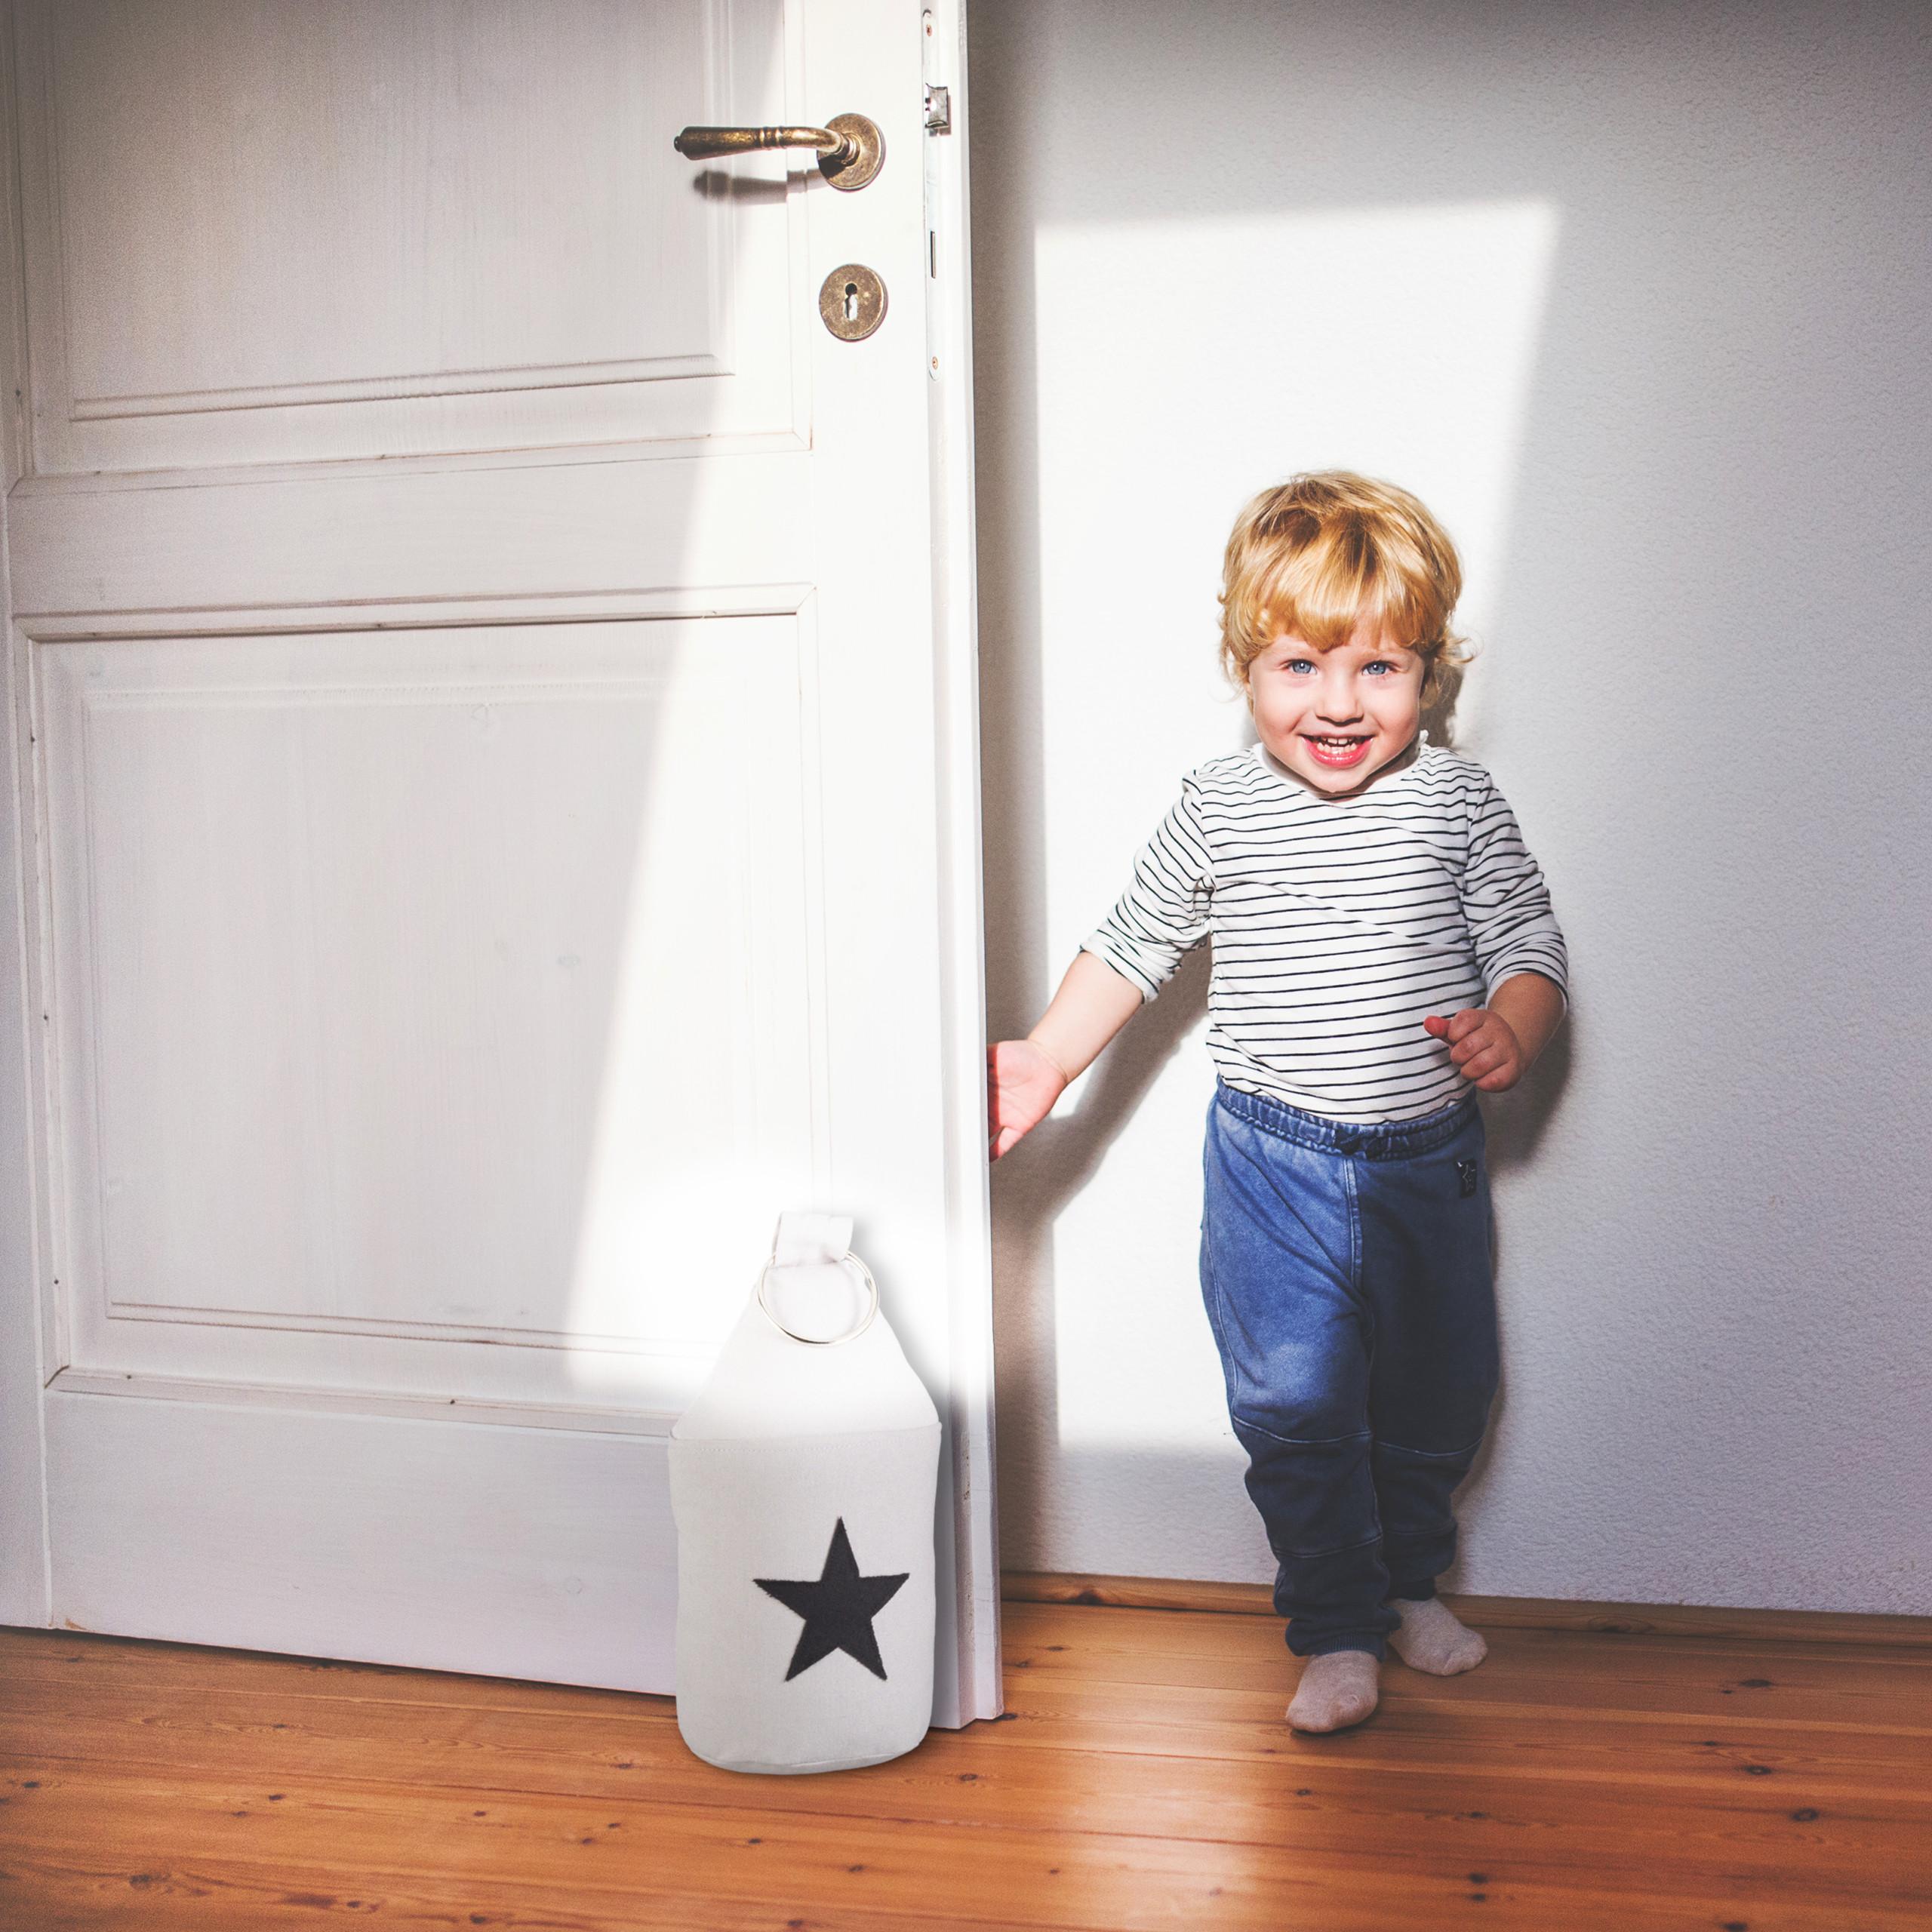 Door-Stop-with-Star-Fabric-Bumper-Floor-Doorstop-Tall-with-Handle-Chic thumbnail 15